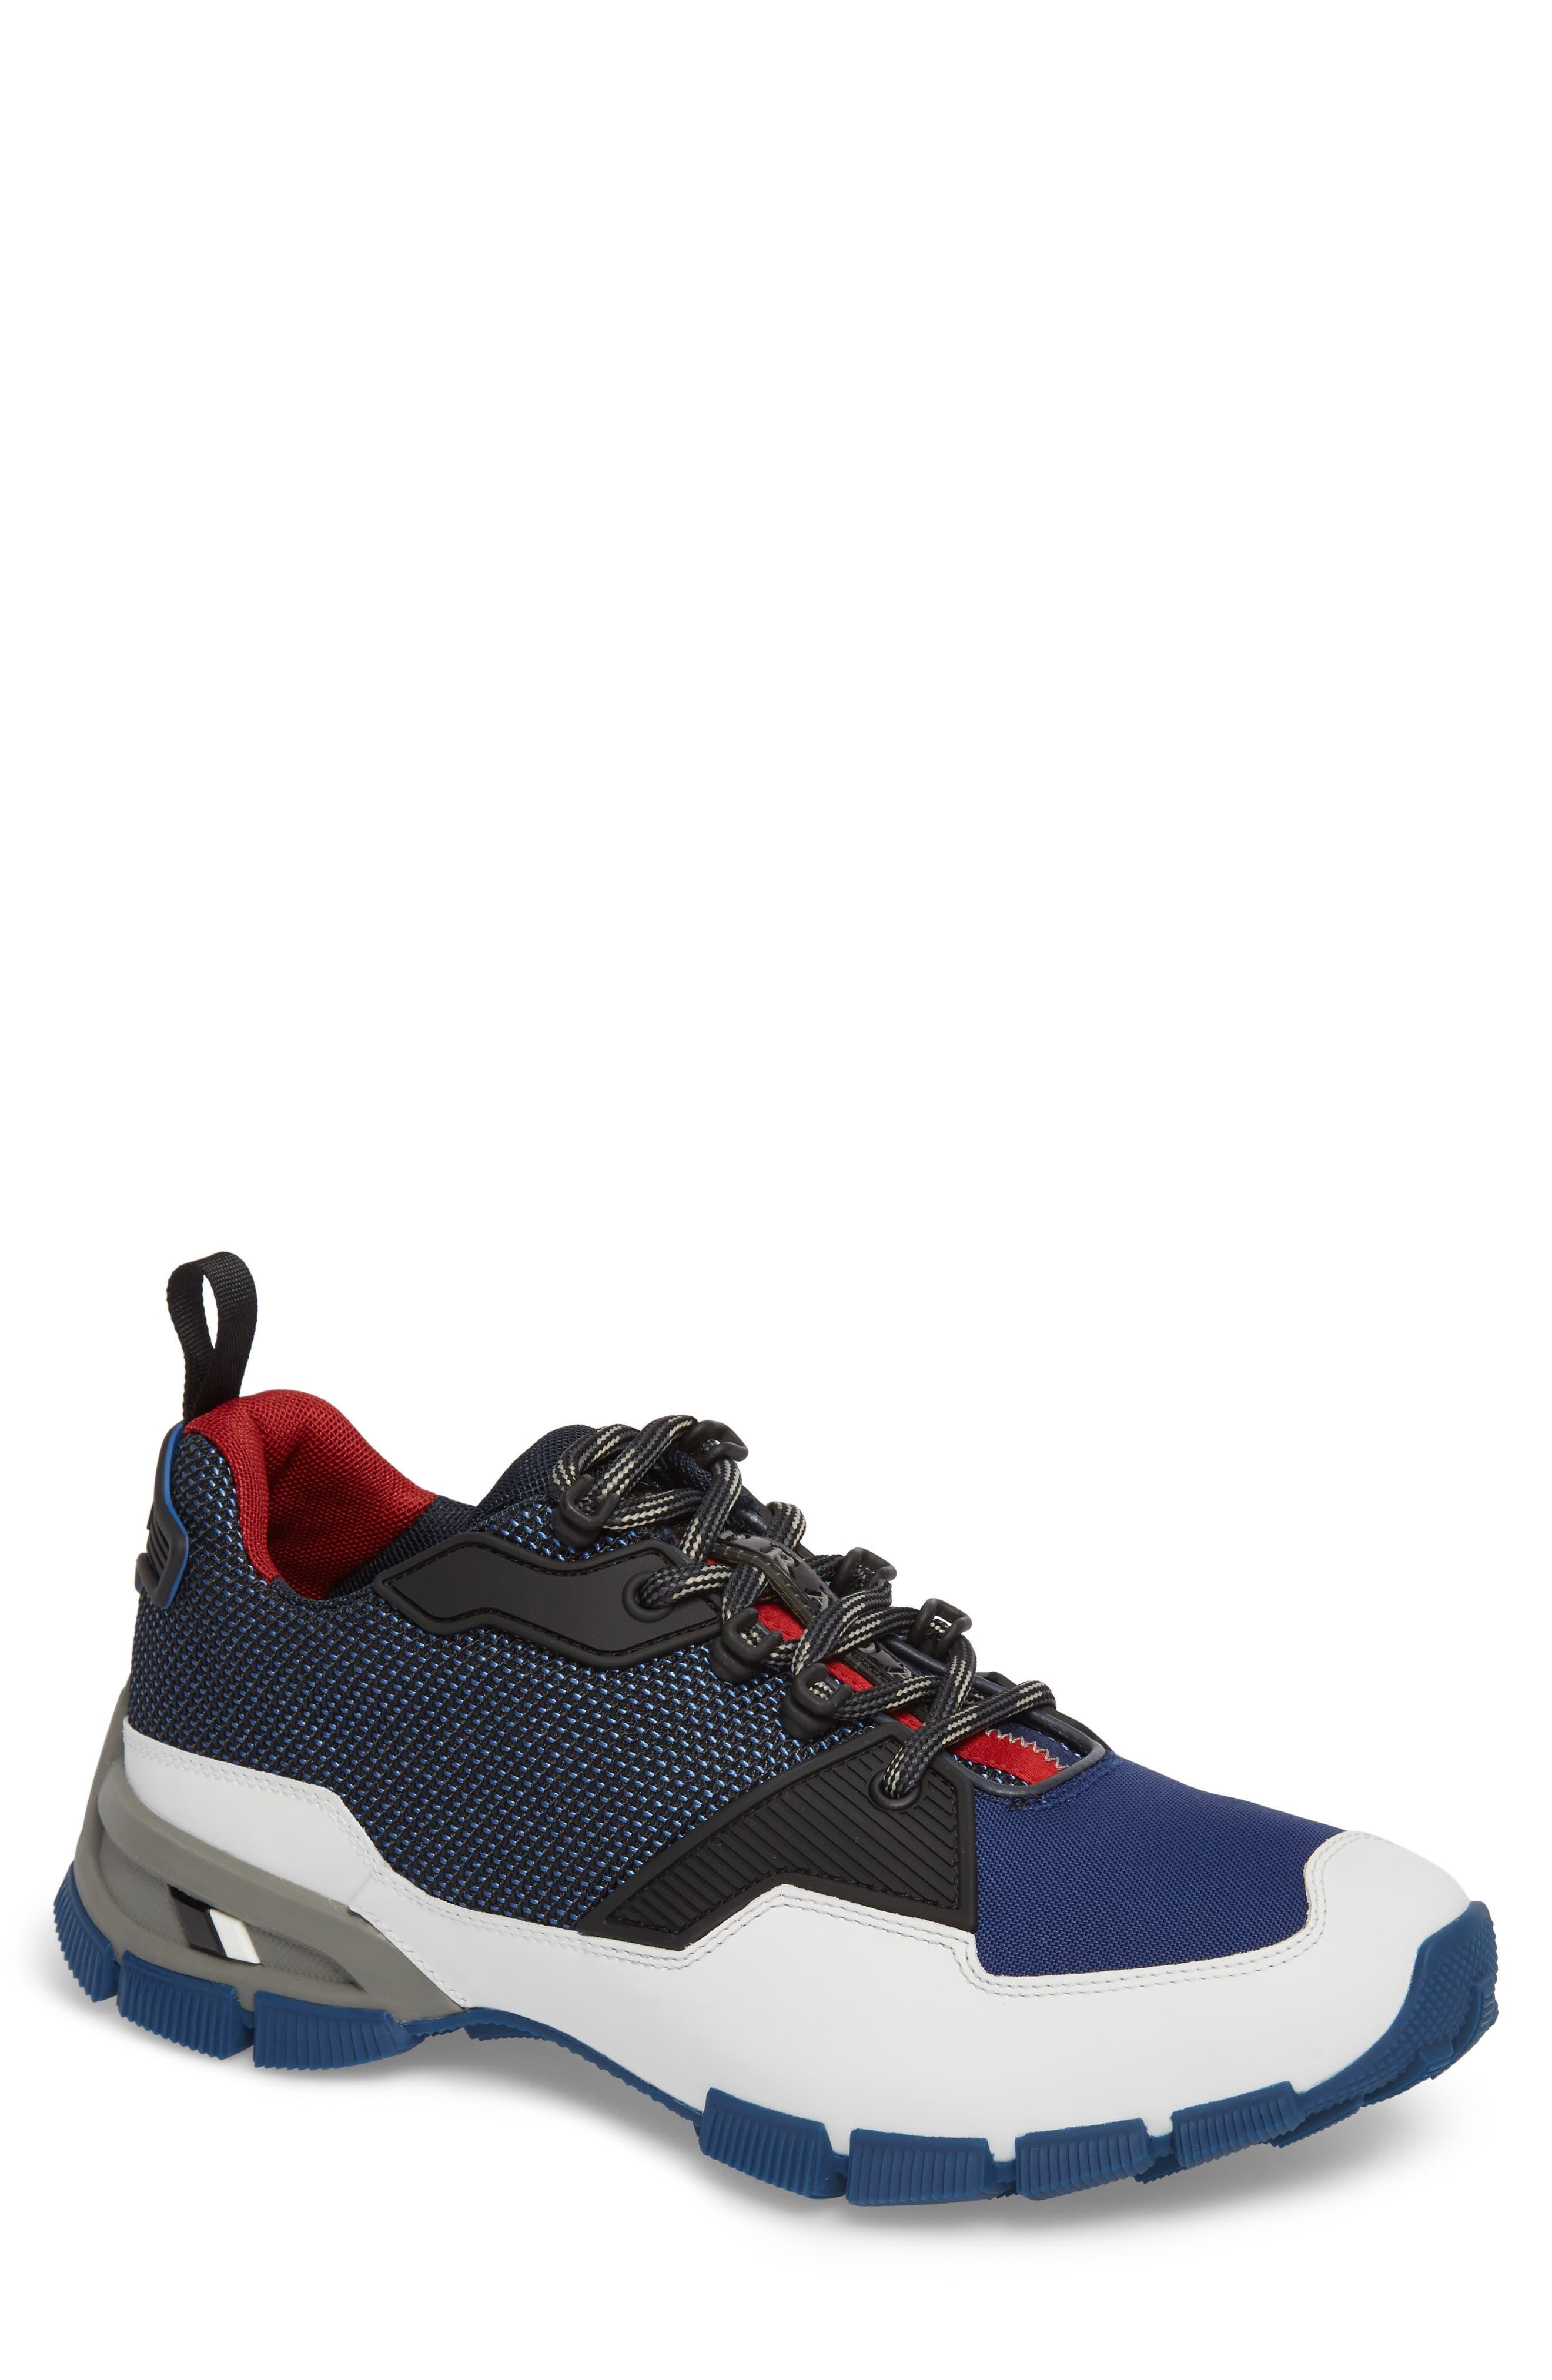 Main Image - Prada Linea Rossa Tech Lug Sneaker (Men)